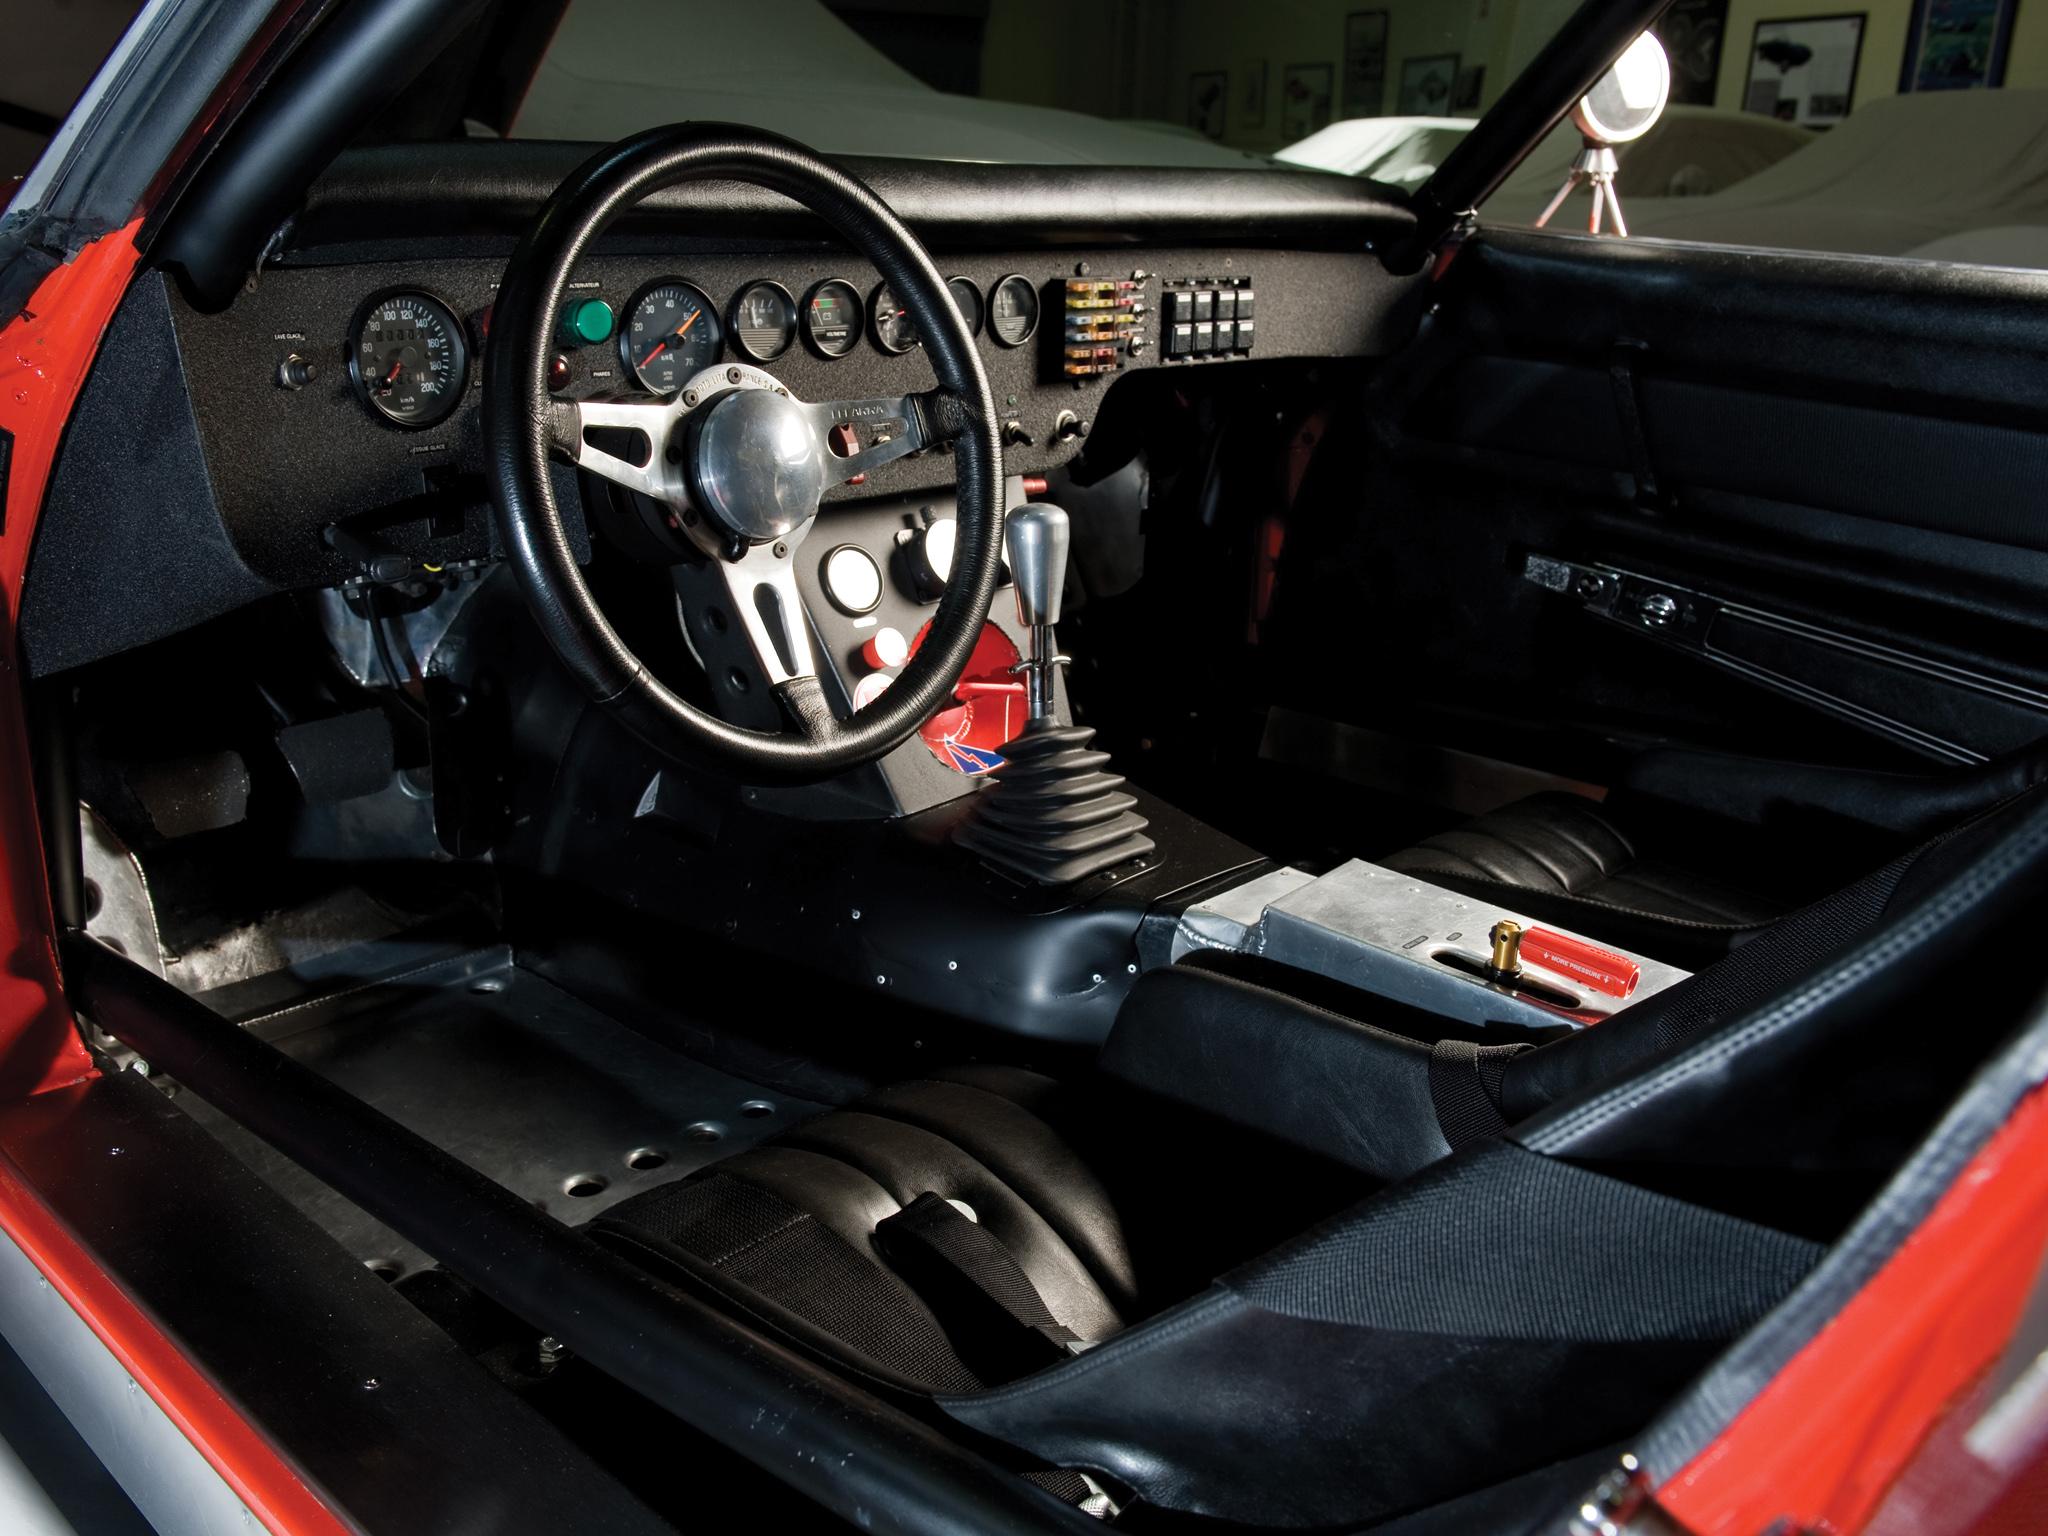 Classic Car Am Radio Upgrades